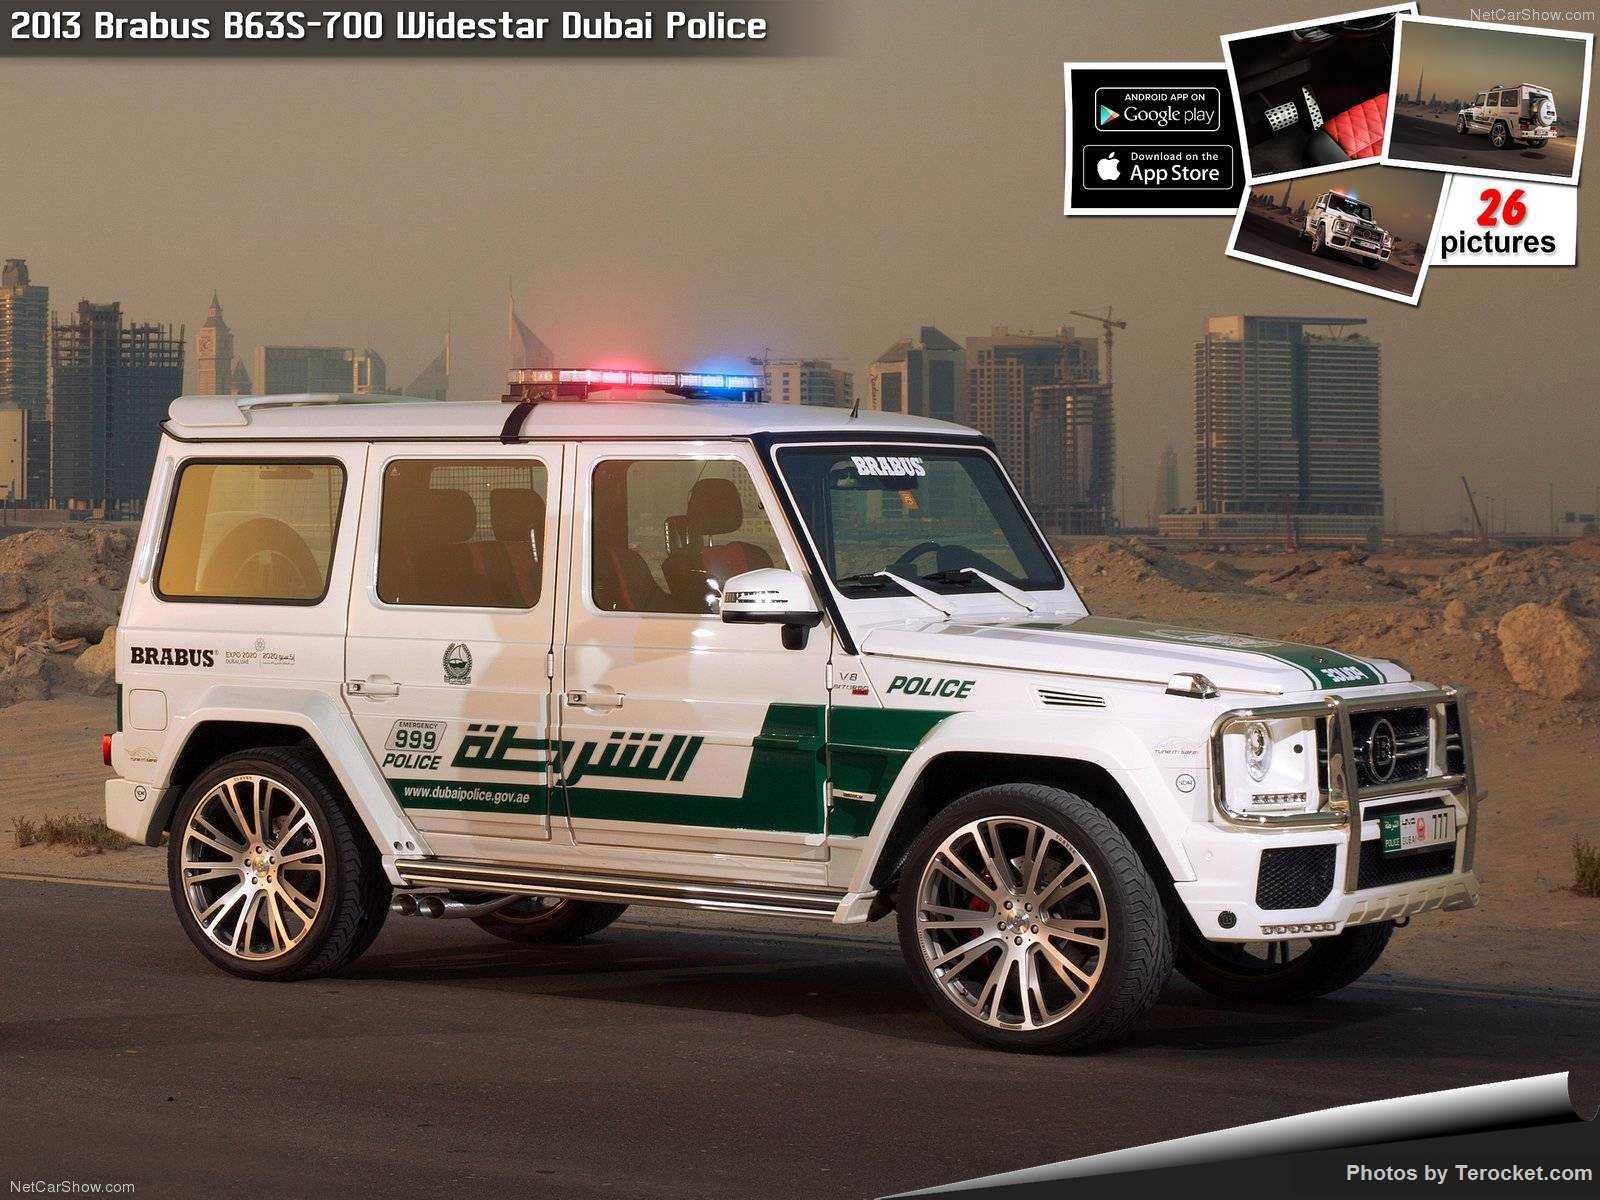 Hình ảnh xe ô tô Brabus B63S-700 Widestar Dubai Police 2013 & nội ngoại thất